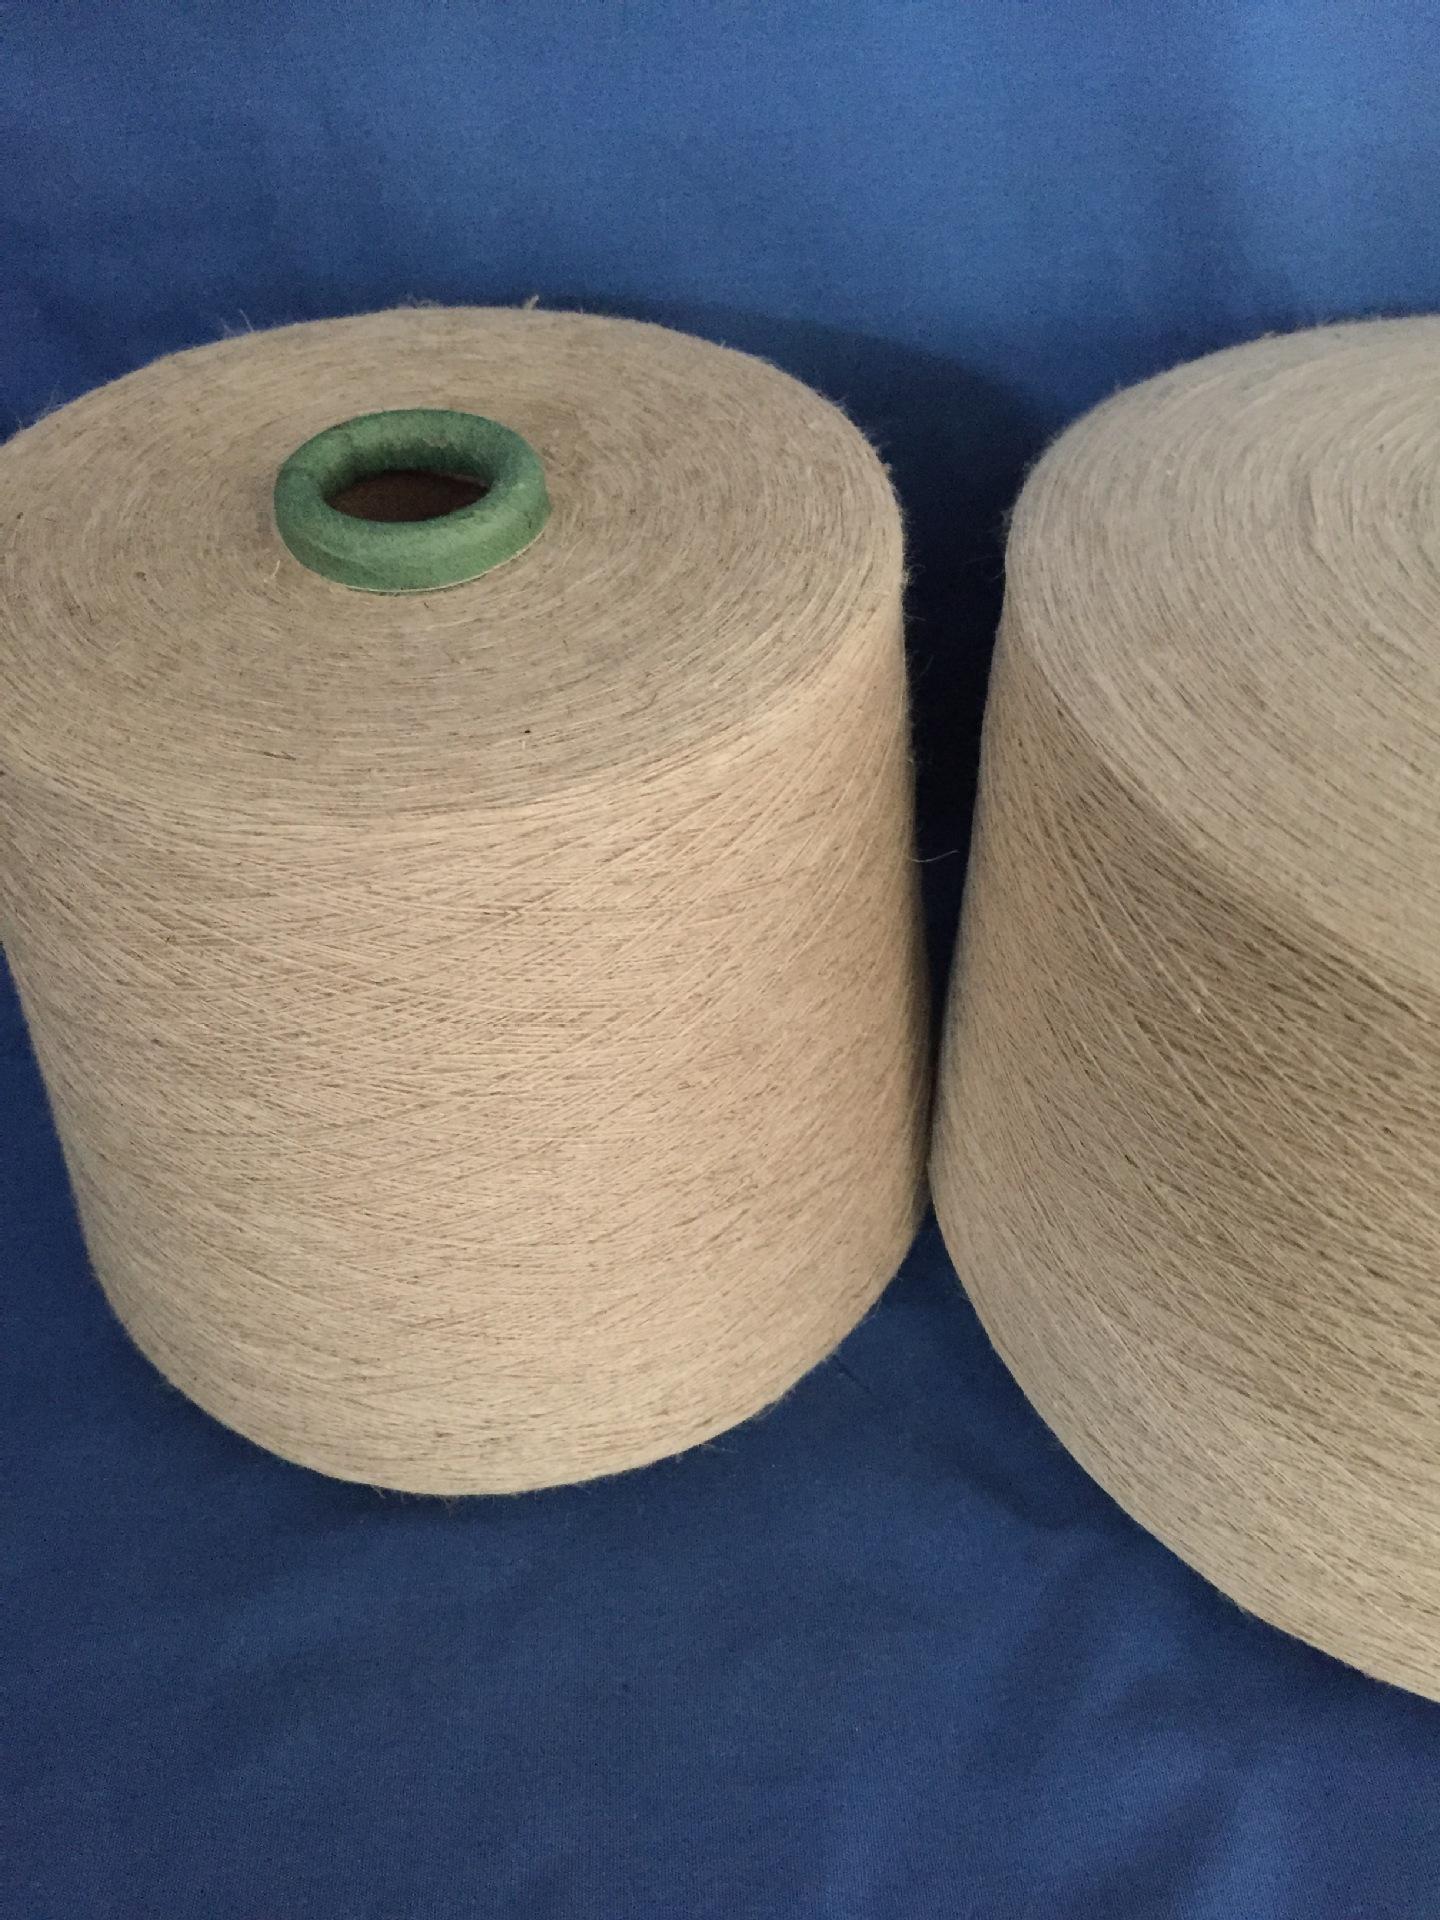 Nhà sản xuất chứng khoán bông và vải lanh pha trộn đan sợi C70 / L30 tỷ lệ 21 bộ của quần áo sợi gai